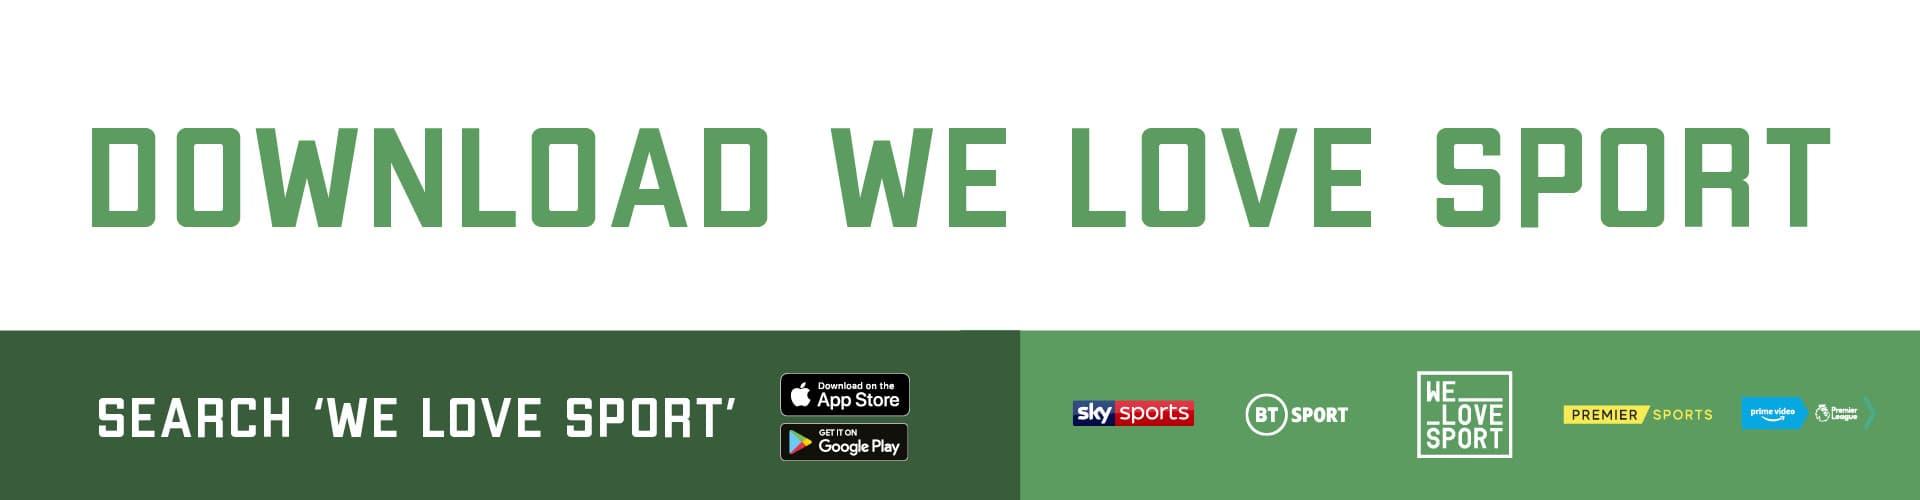 We Love Sport - Sport Pub Finder